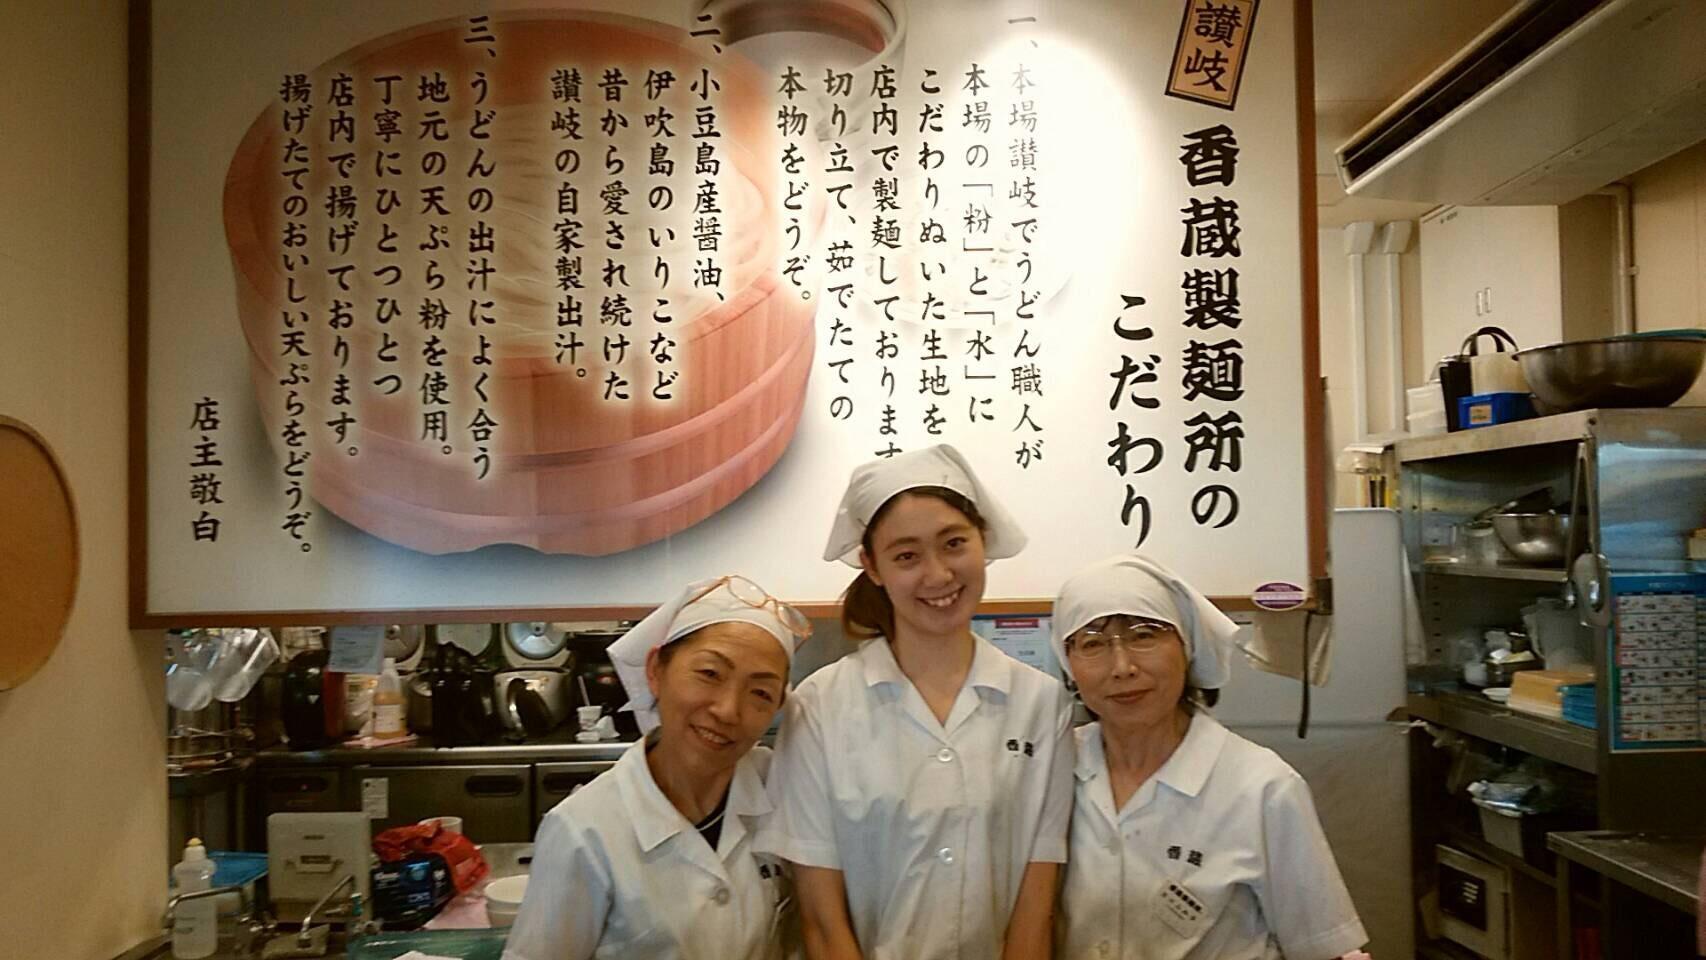 釜揚げうどん 香蔵製麺所 ハーヴェストウォーク店 のアルバイト情報